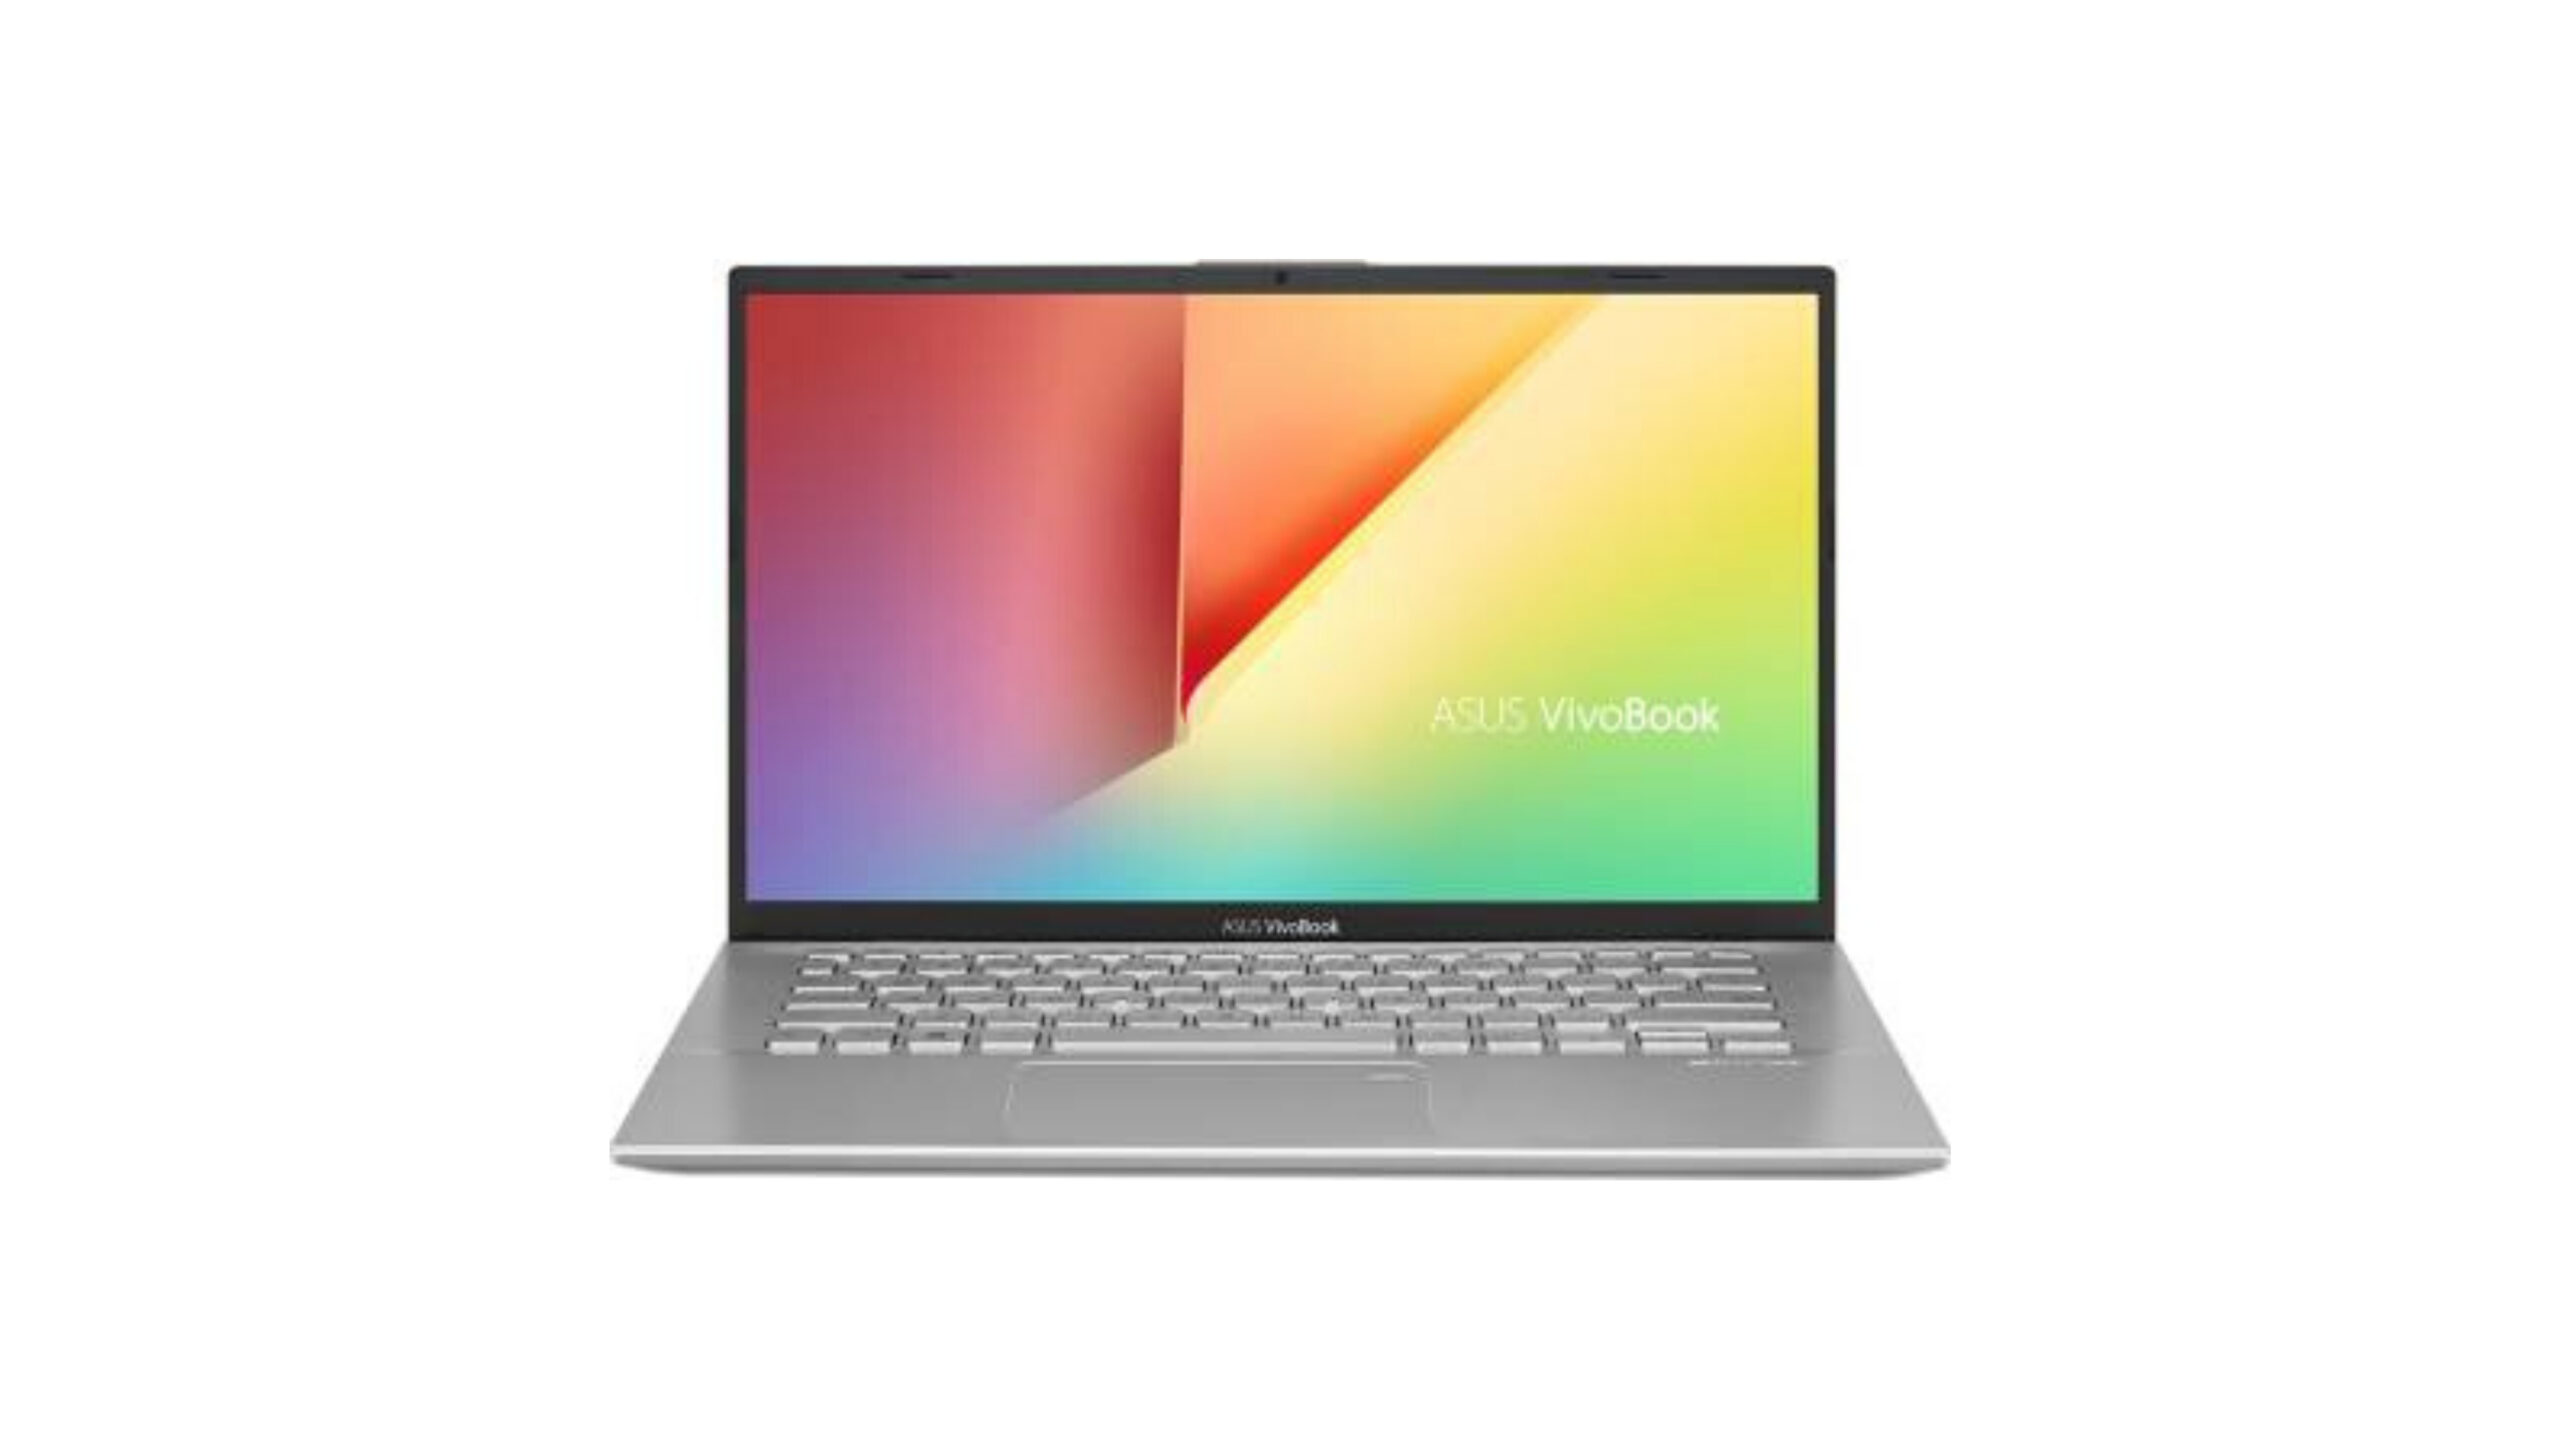 Asus VivoBook 14 Core i3